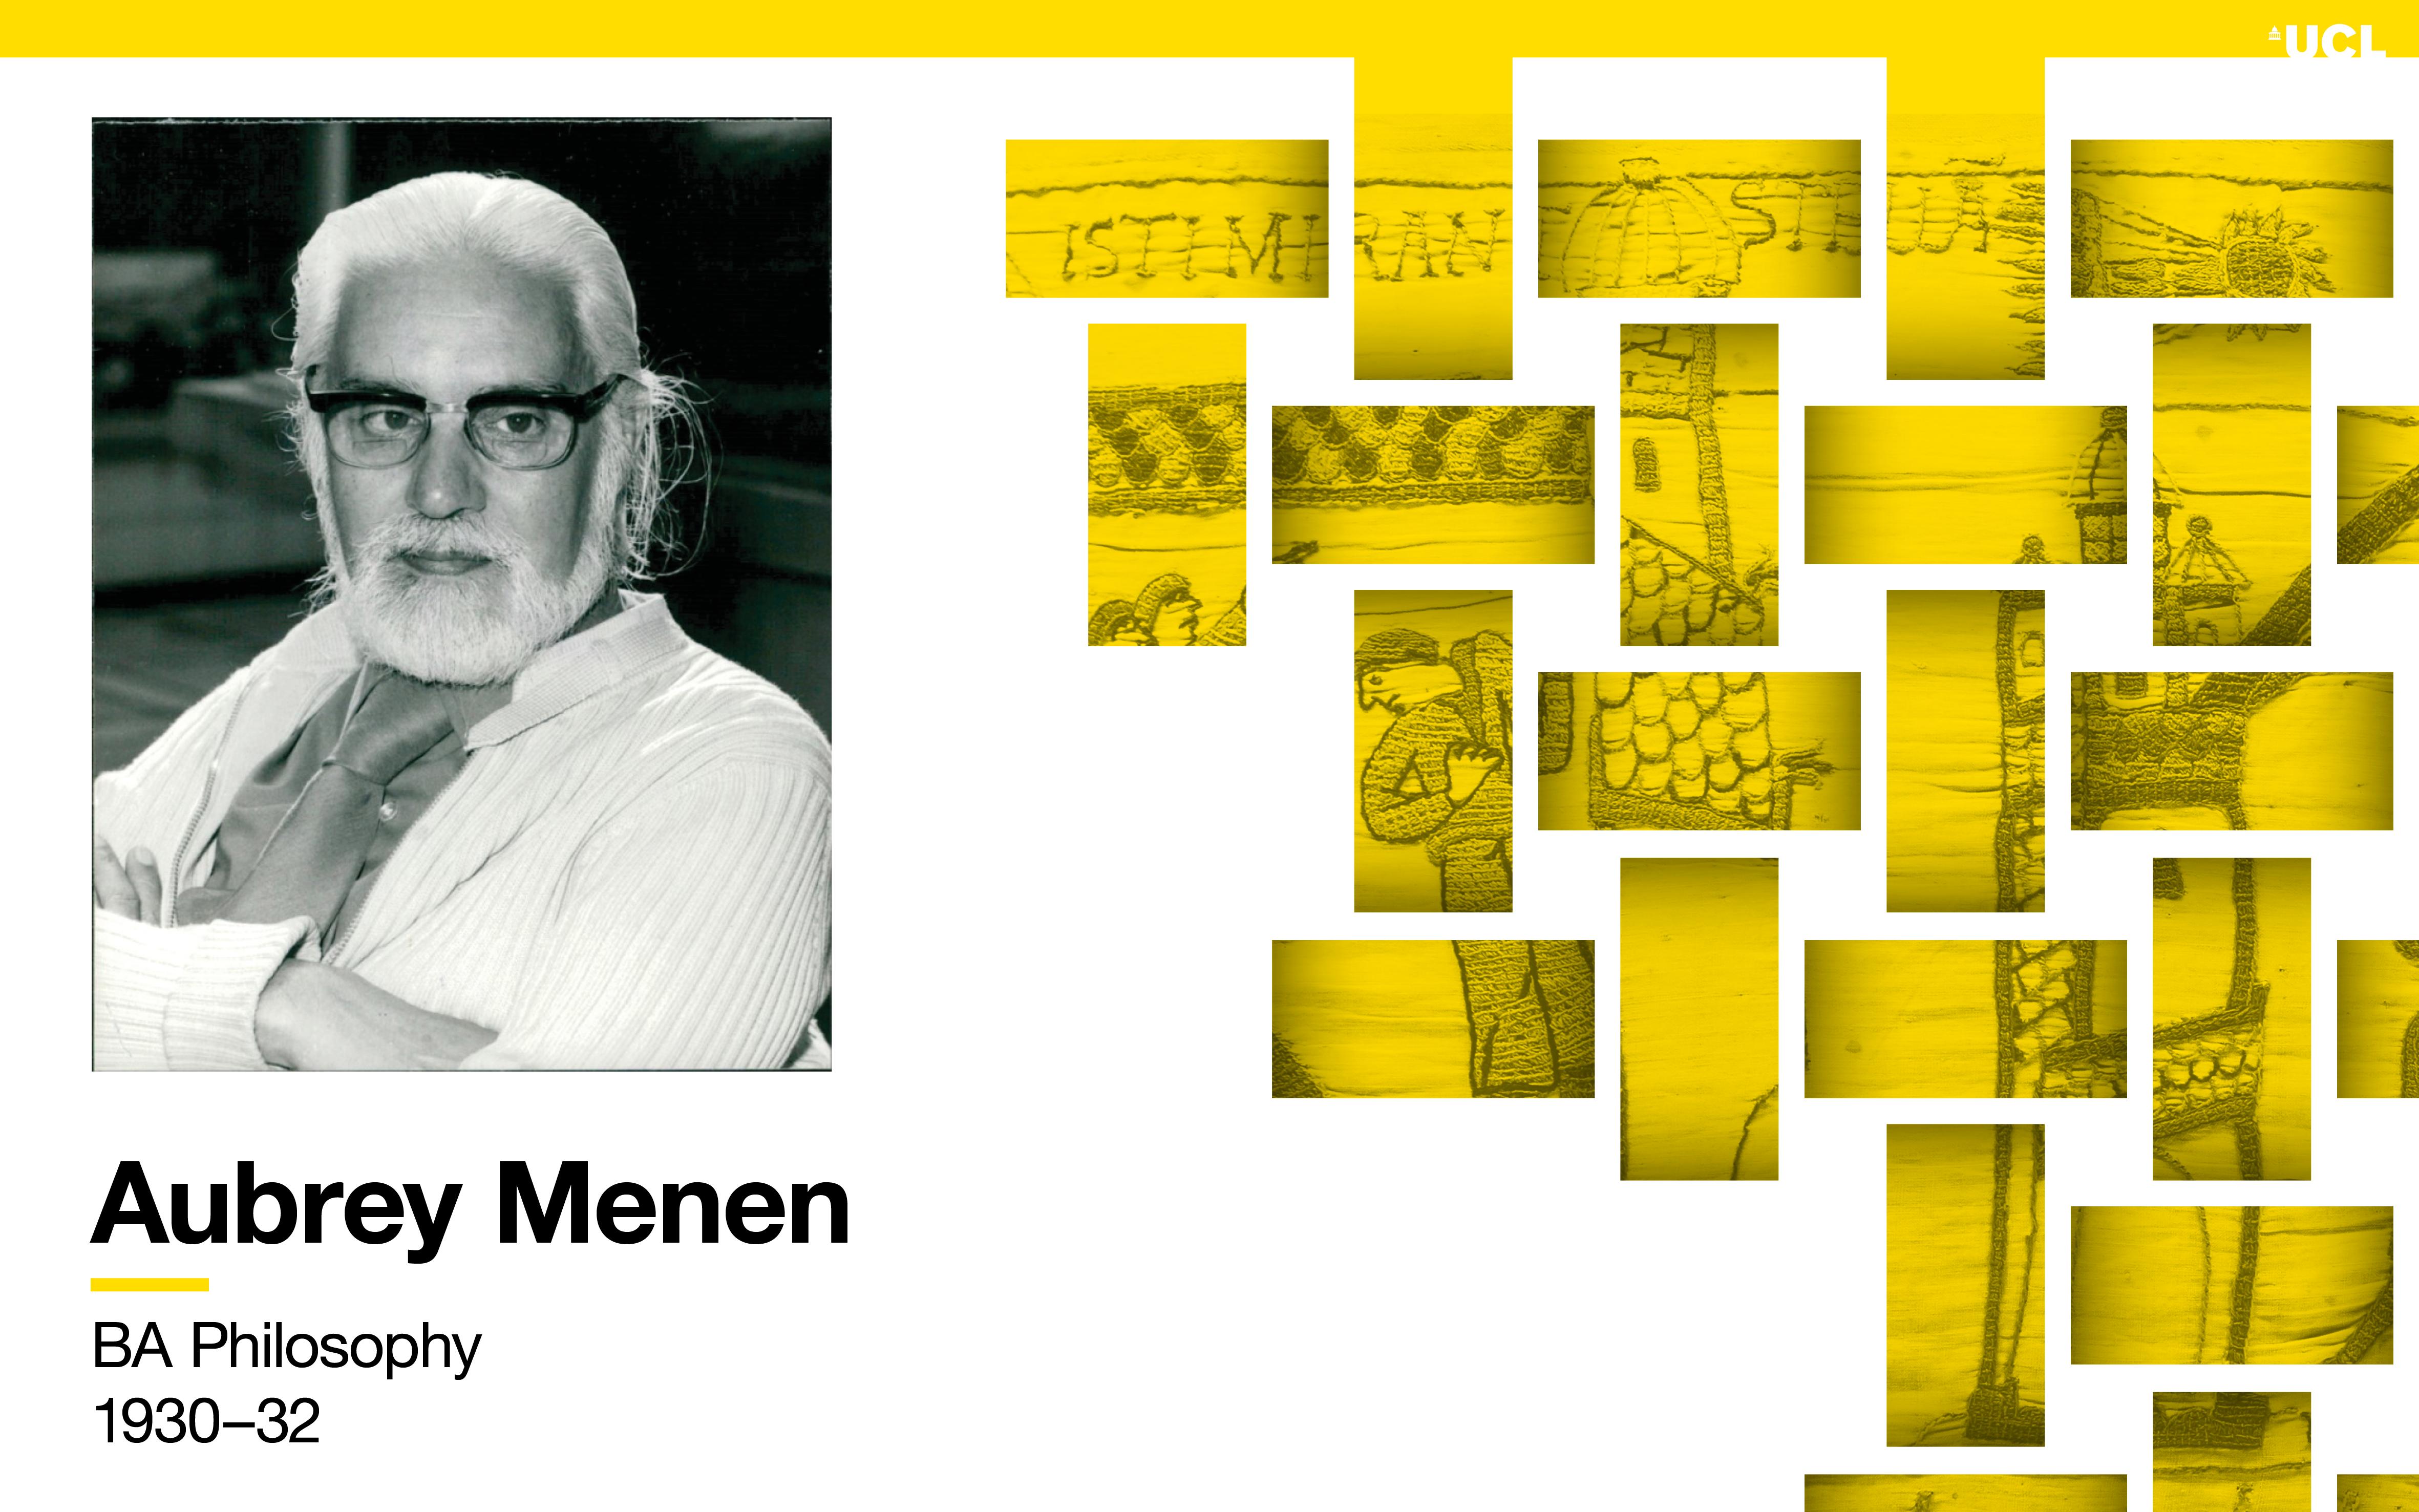 Aubrey Menen